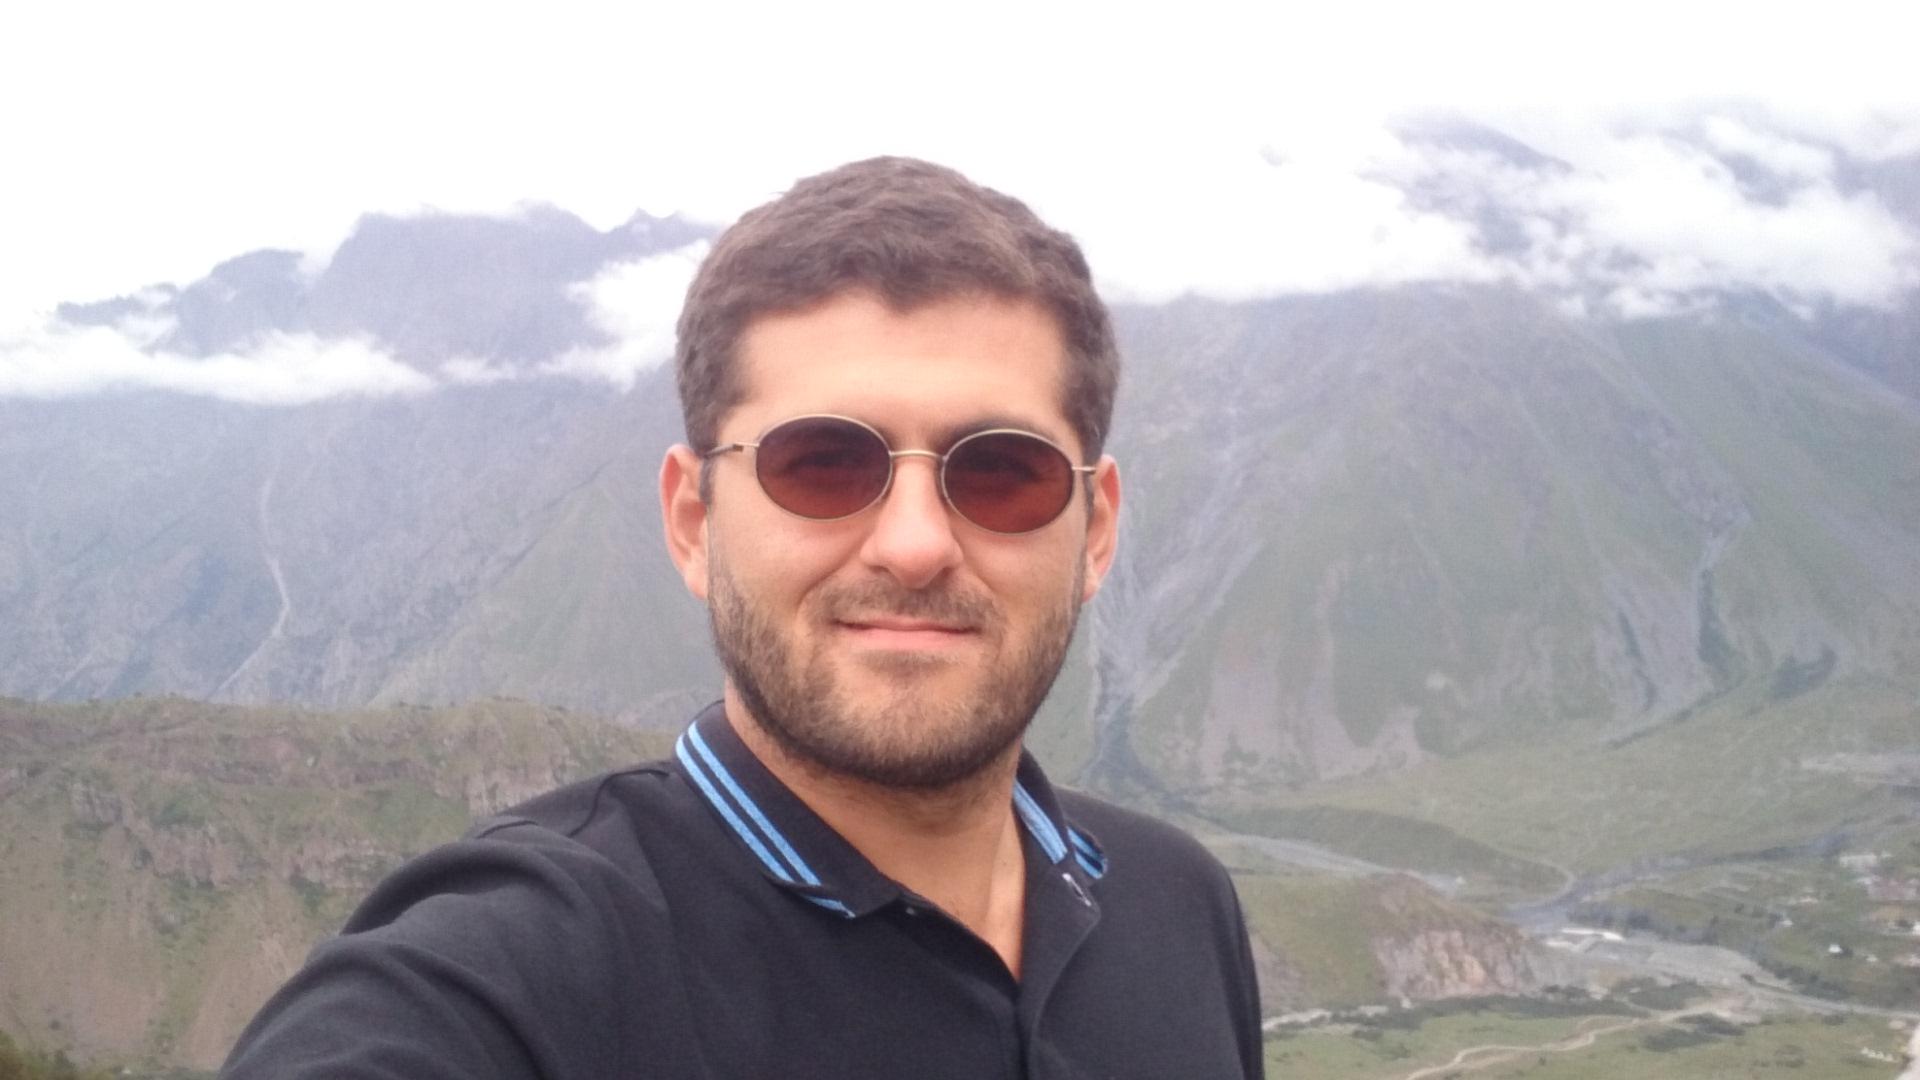 Частный гид экскурсовод по Тбилиси Mikhail